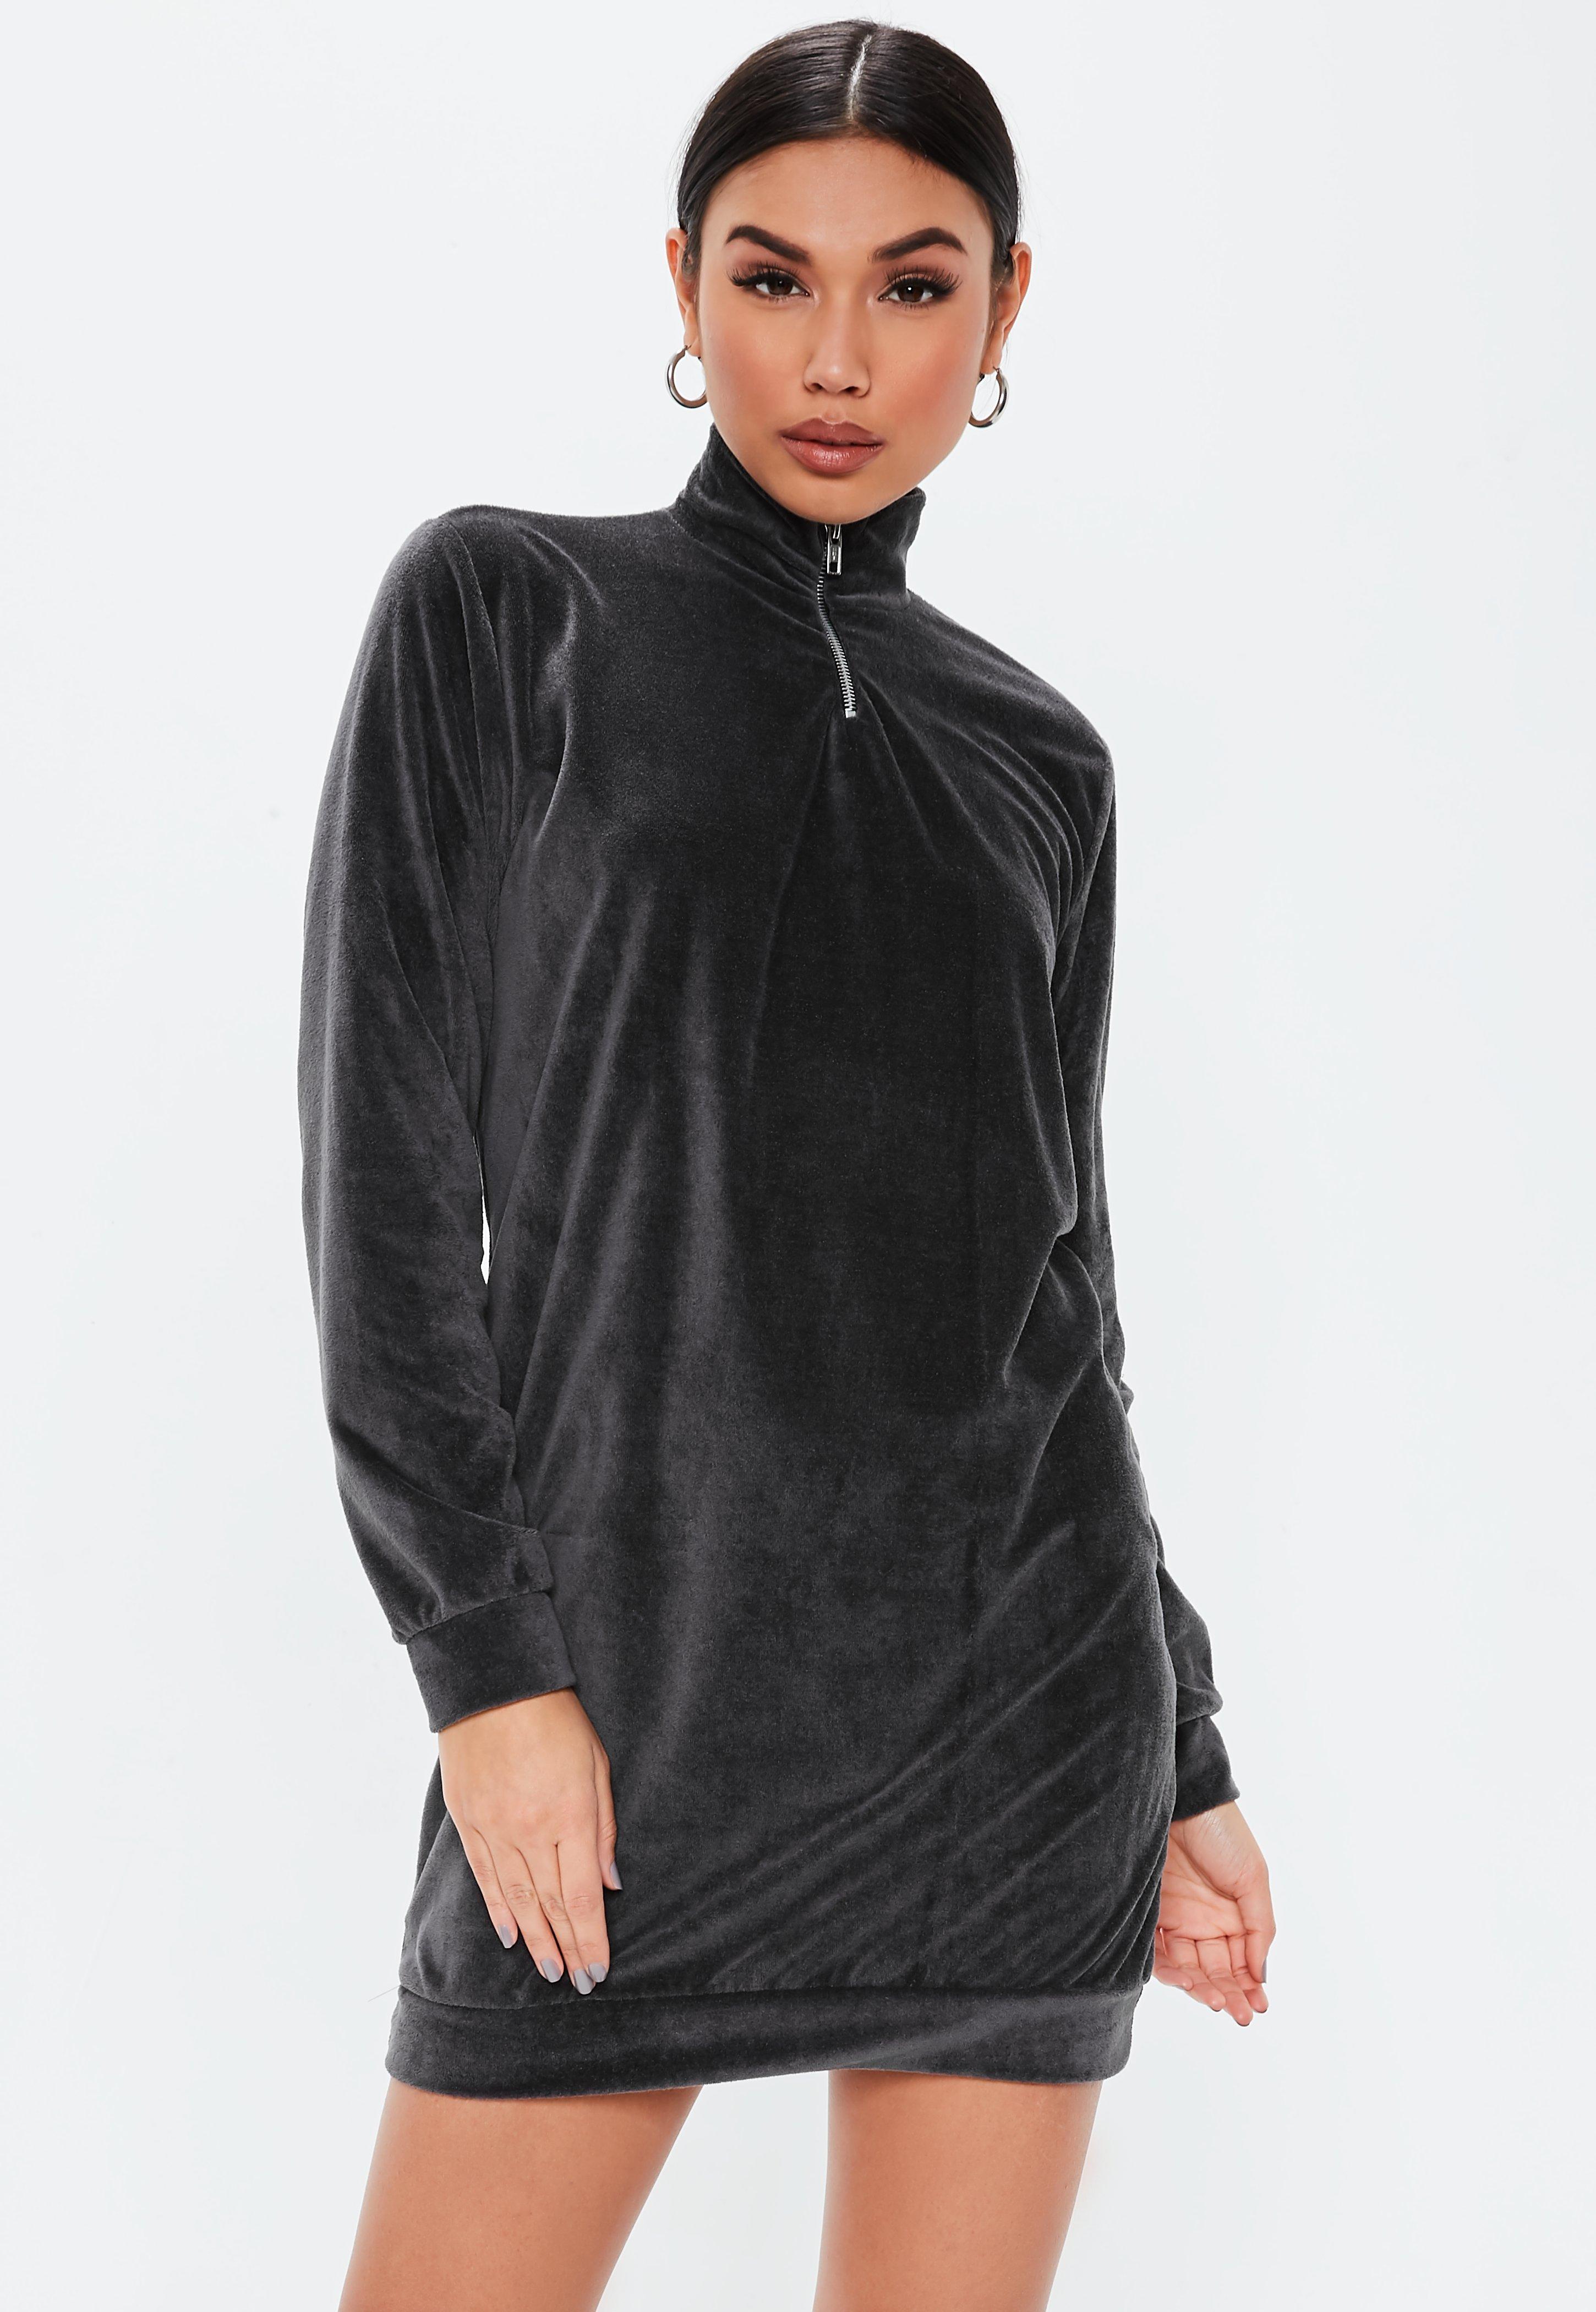 f6518fedc9 Sweater Dresses